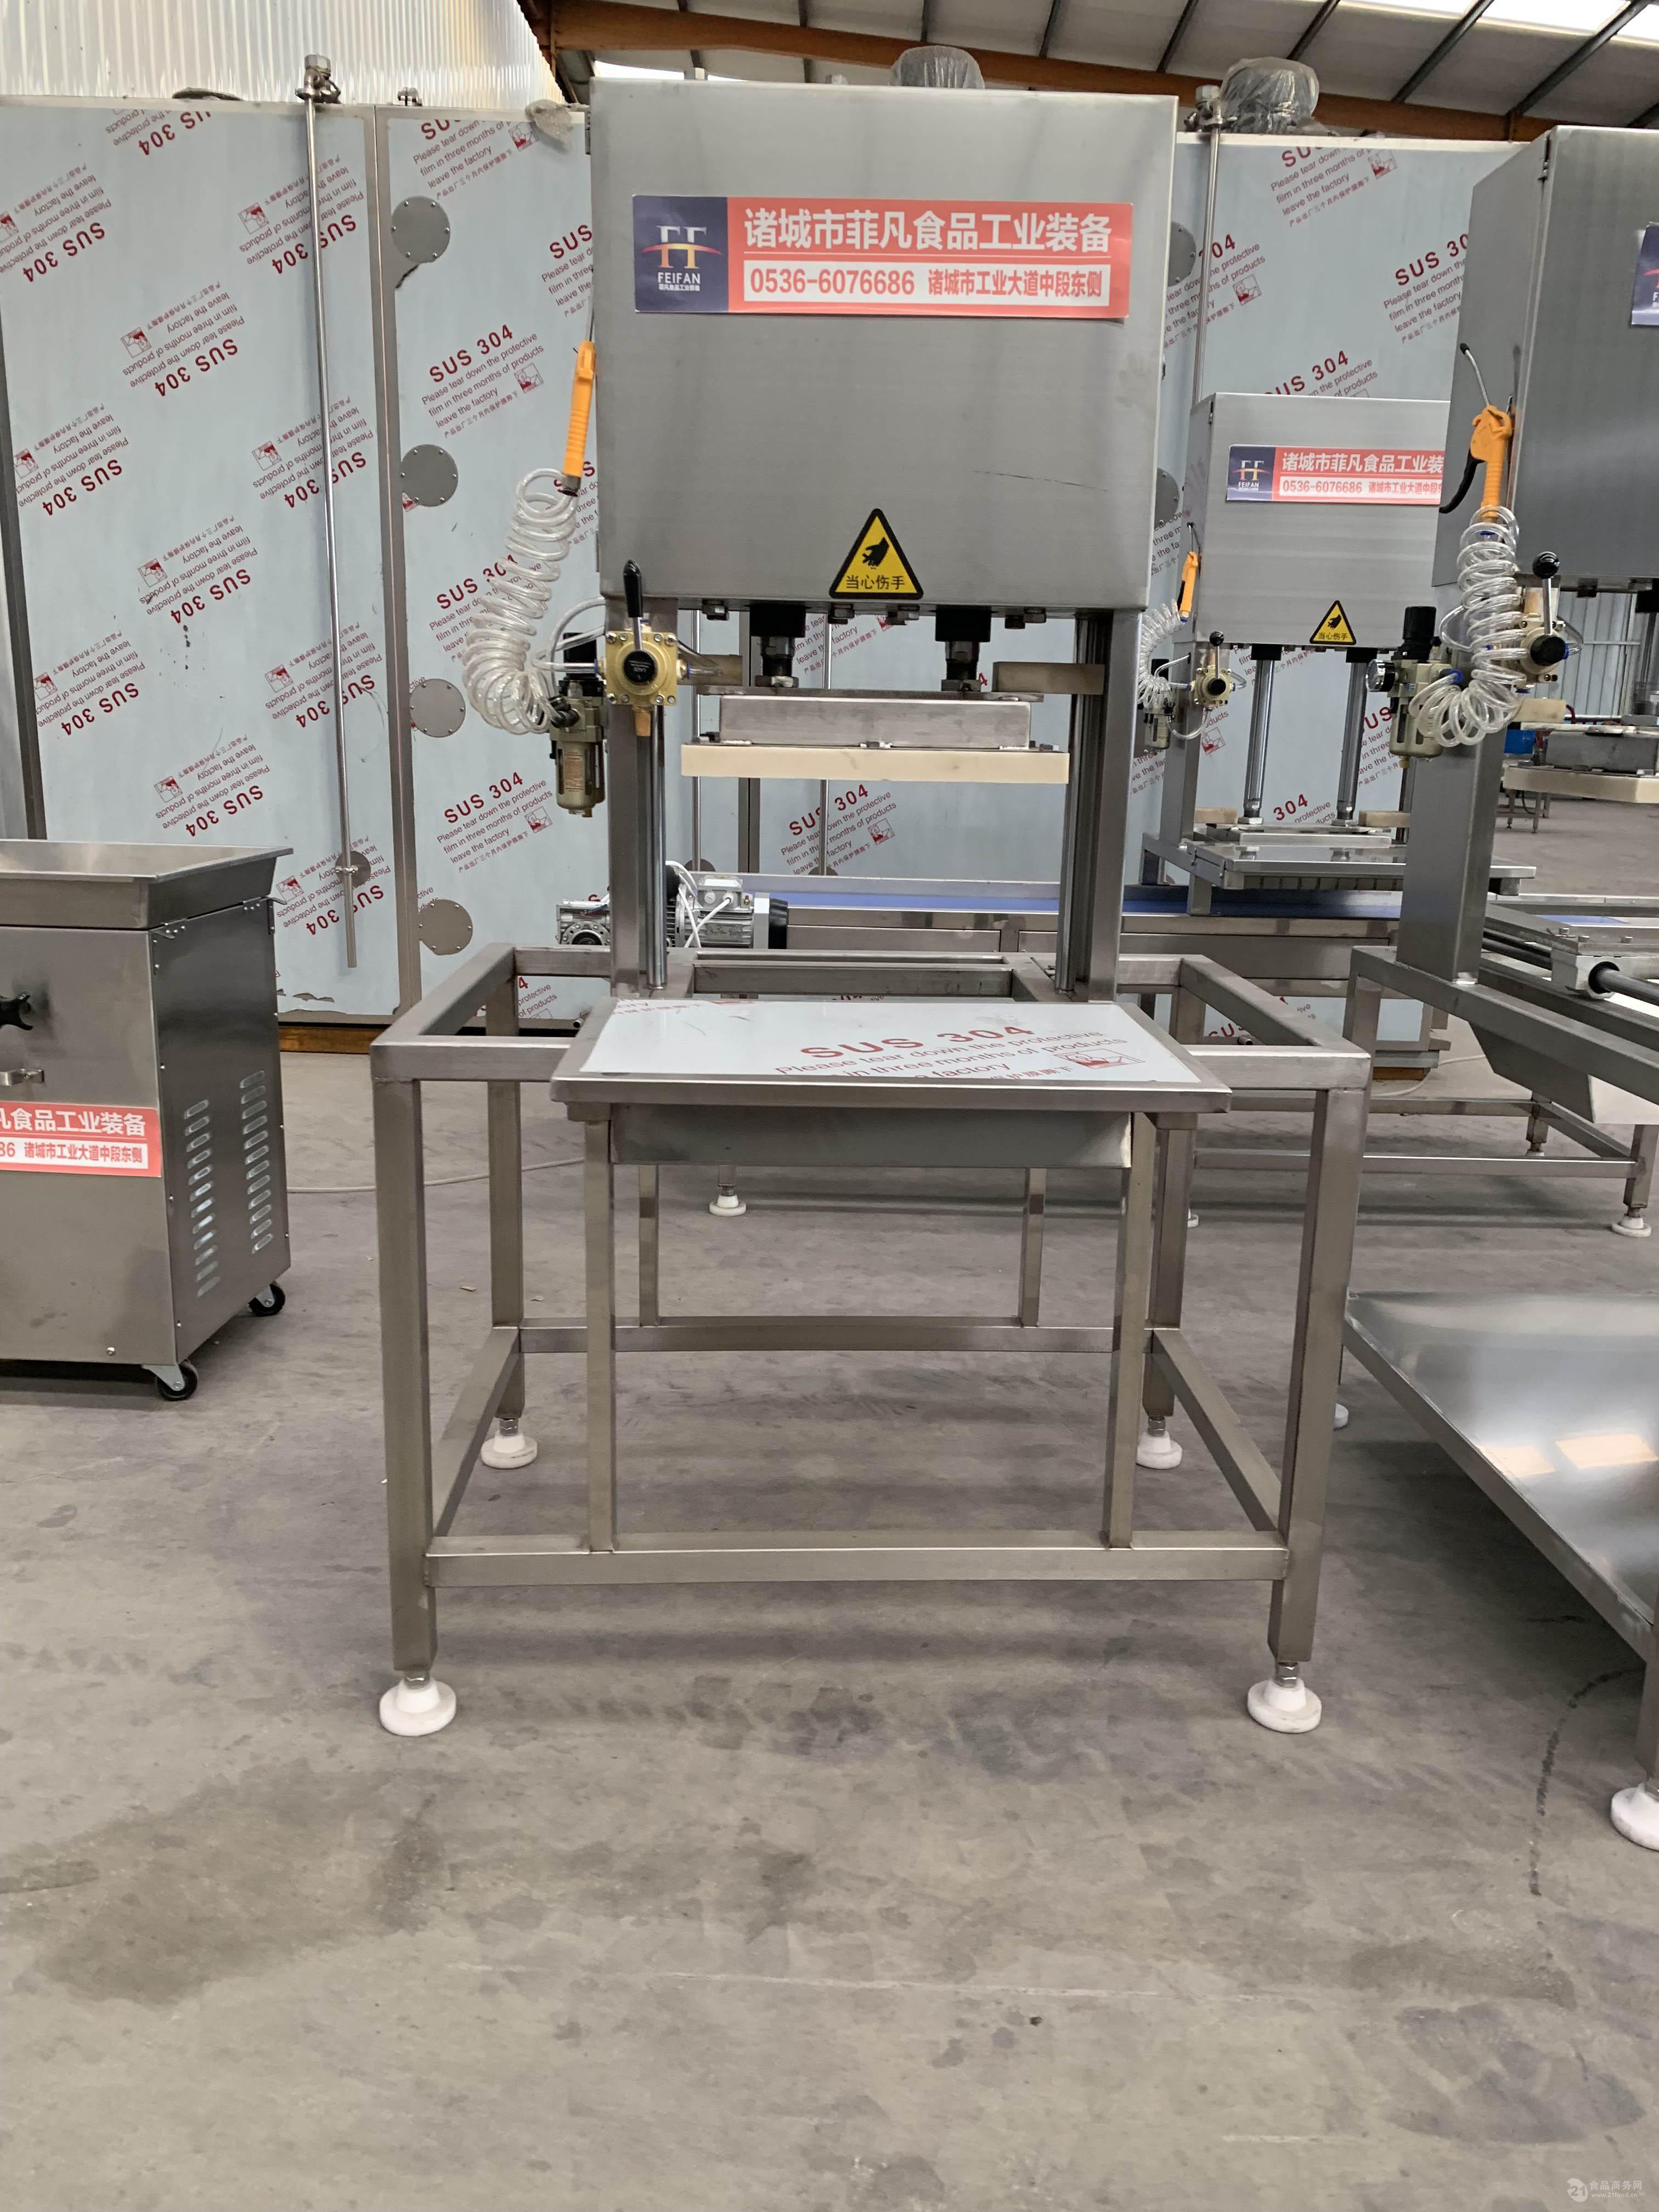 诸城大小型千页豆腐生产设备价格多少钱哪家好专业厂家